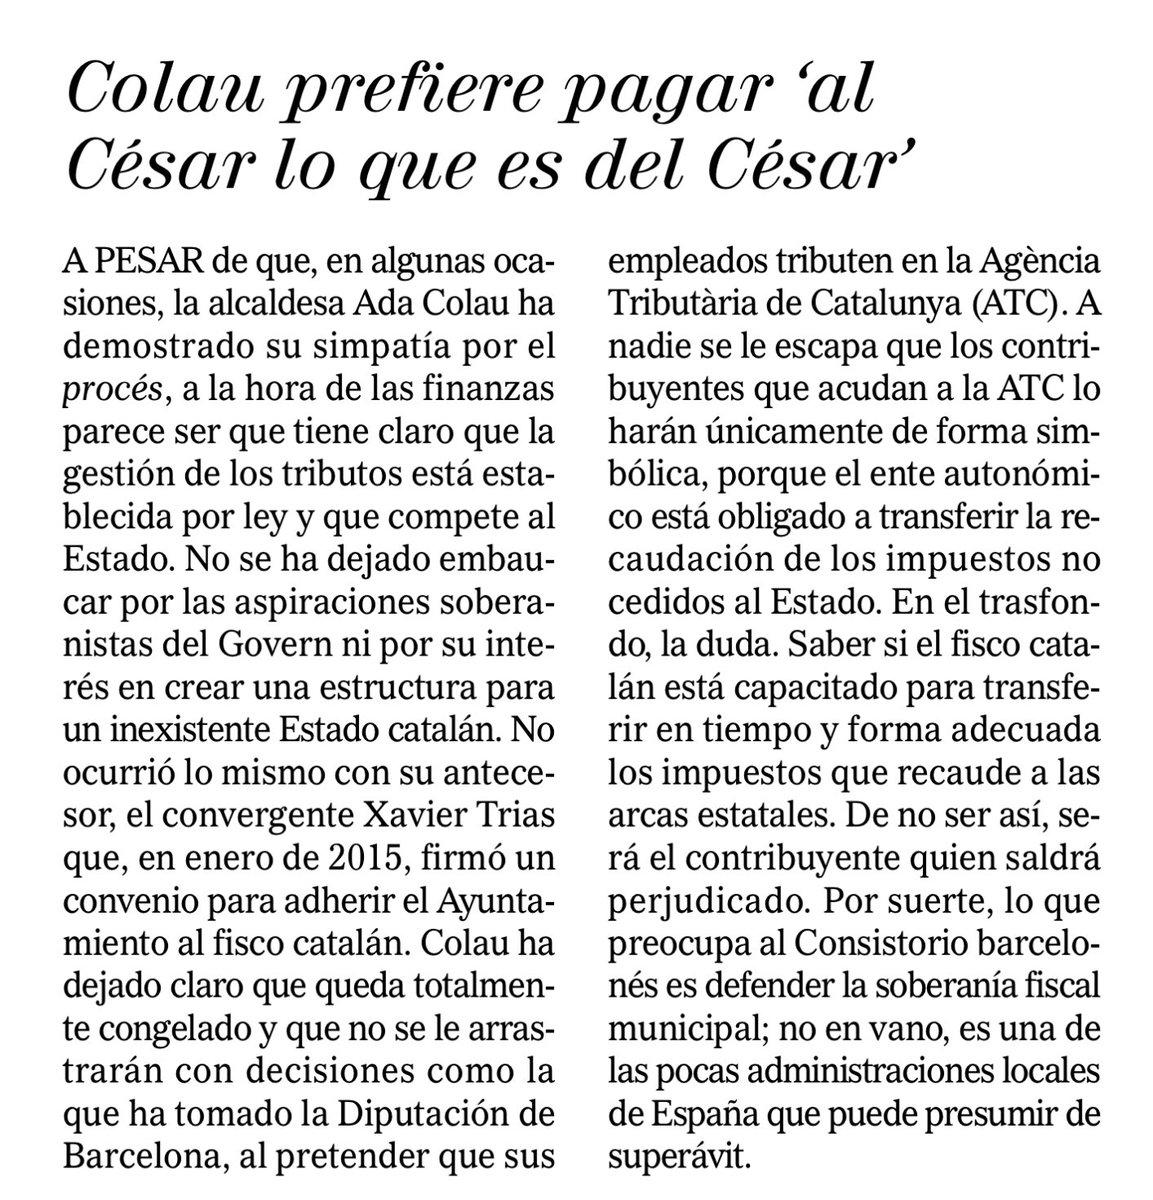 """El Mundo elogia l'alcaldessa @AdaColau, que """"no se ha dejado embaucar por las aspiraciones soberanistas del Govern"""". https://t.co/hz9EoTwZVd"""